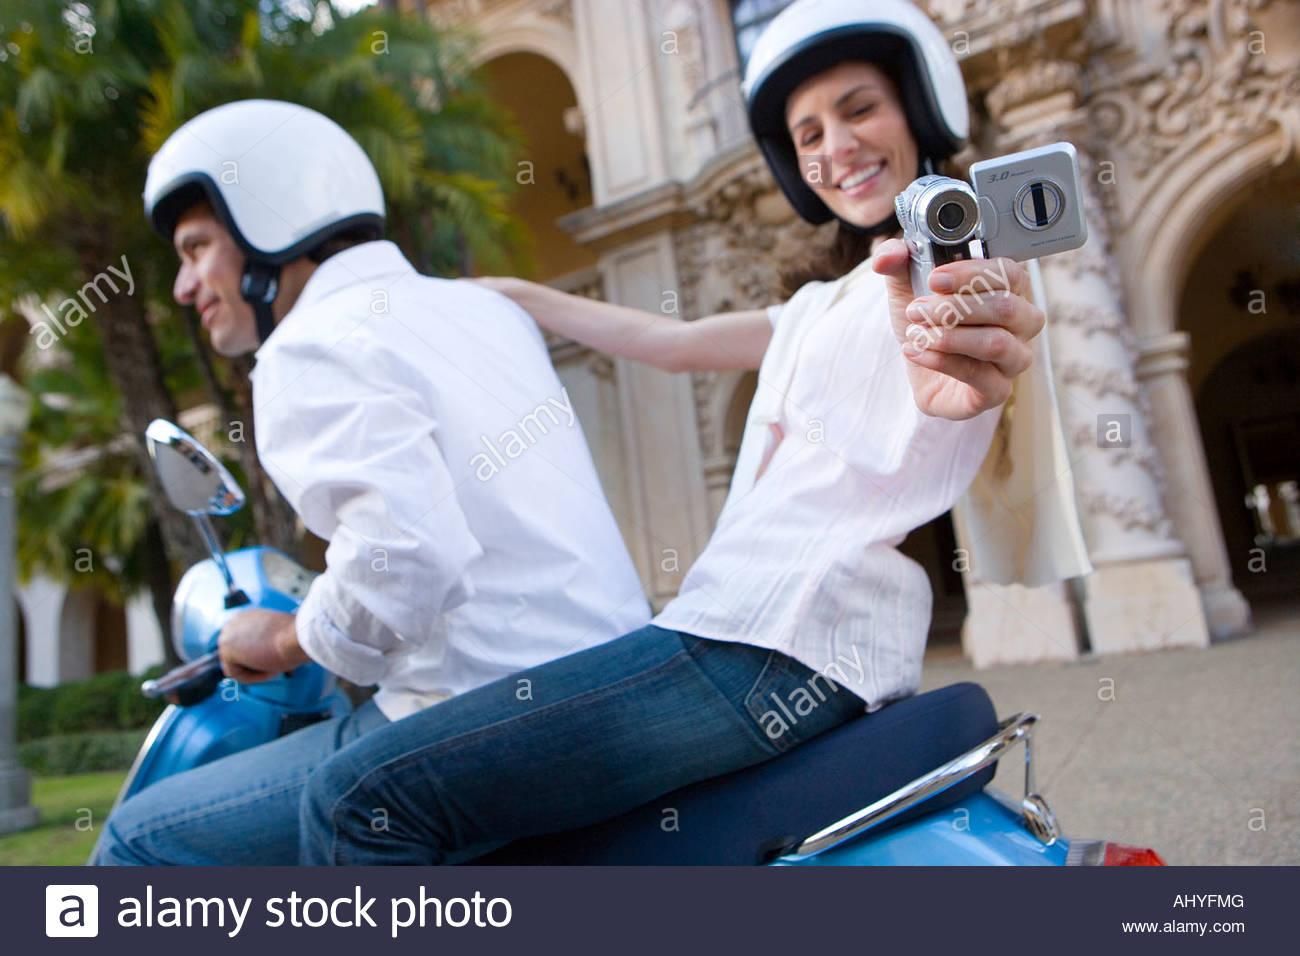 Giovane a cavallo su blue scooter, donna riprese con videocamera, sorridente, vista laterale, inclinazione verticale Immagini Stock